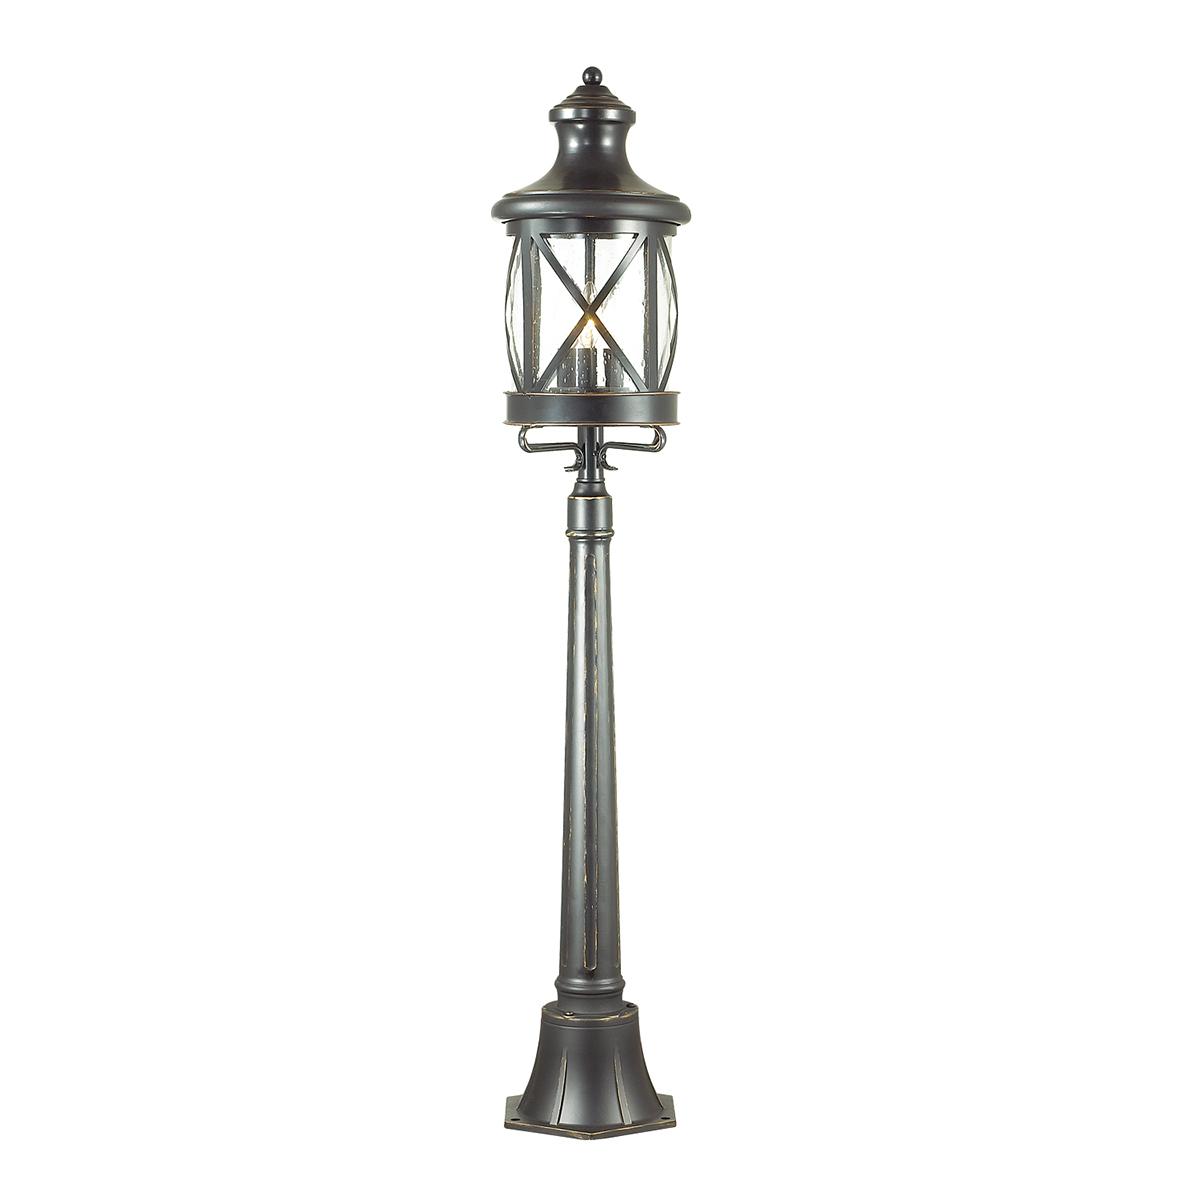 Уличный фонарь Odeon Light Nature Sation 4045/3F, IP44, 3xE14x60W, черный, черный с прозрачным, металл, ковка, металл со стеклом - фото 1